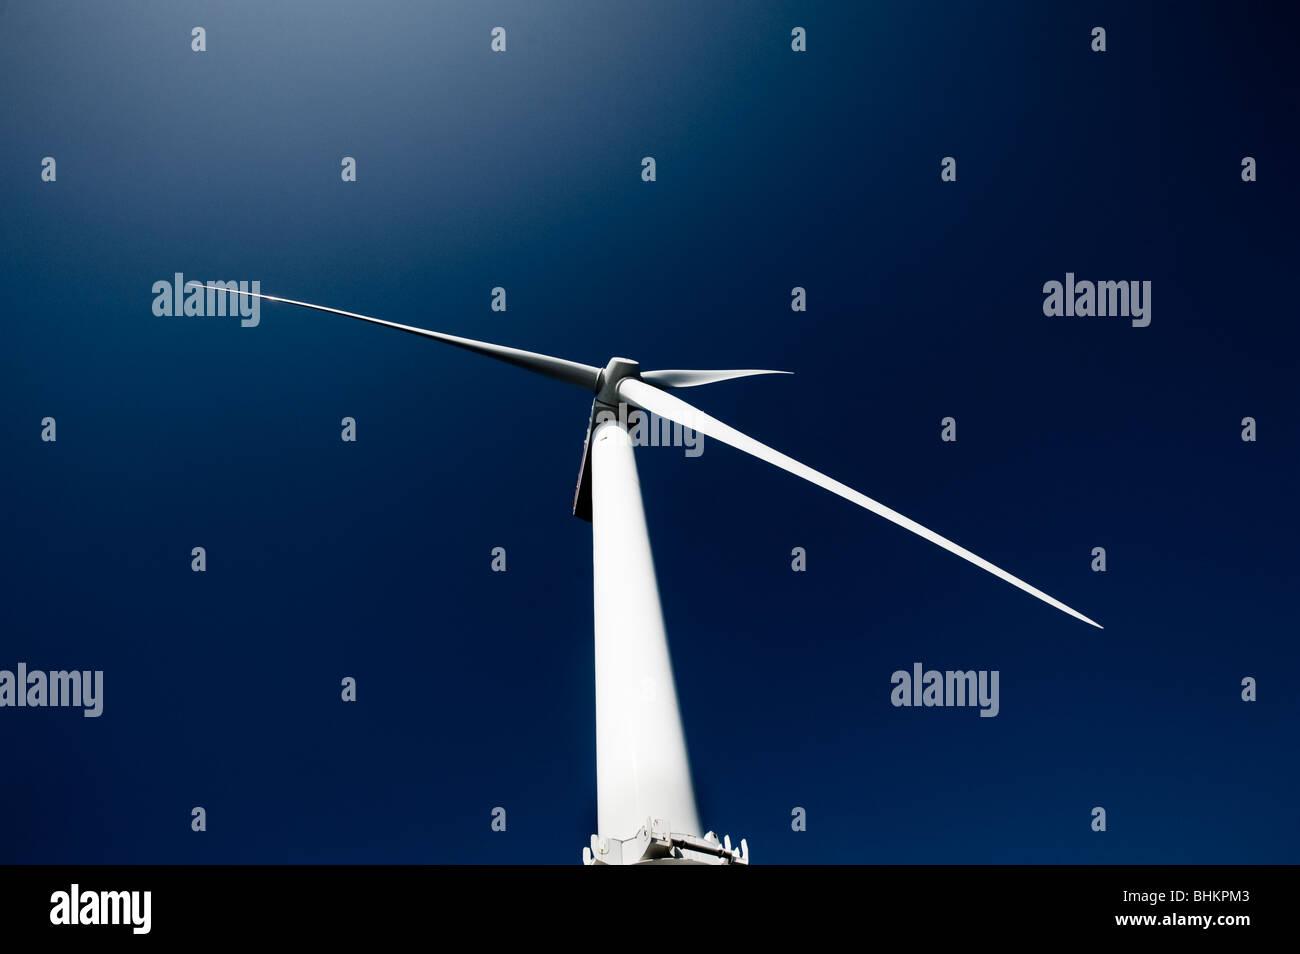 Image de l'éolienne offshore contre le ciel bleu Photo Stock